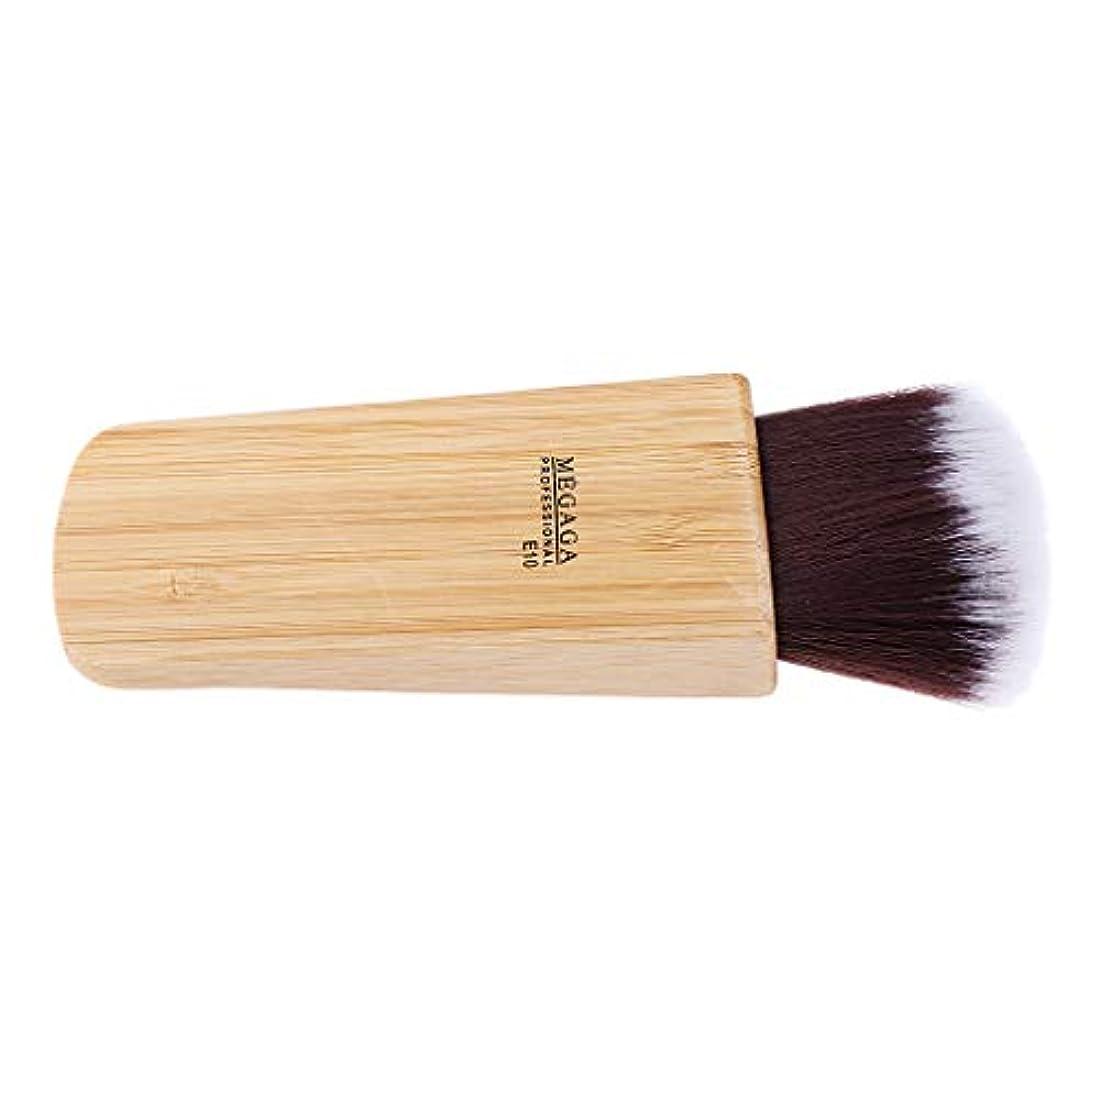 現代ハイランド速報CUTICATE ネックダスターブラシ ヘアカット ブラシ ネックダスター 洗浄 ヘアブラシ 理髪美容ツール